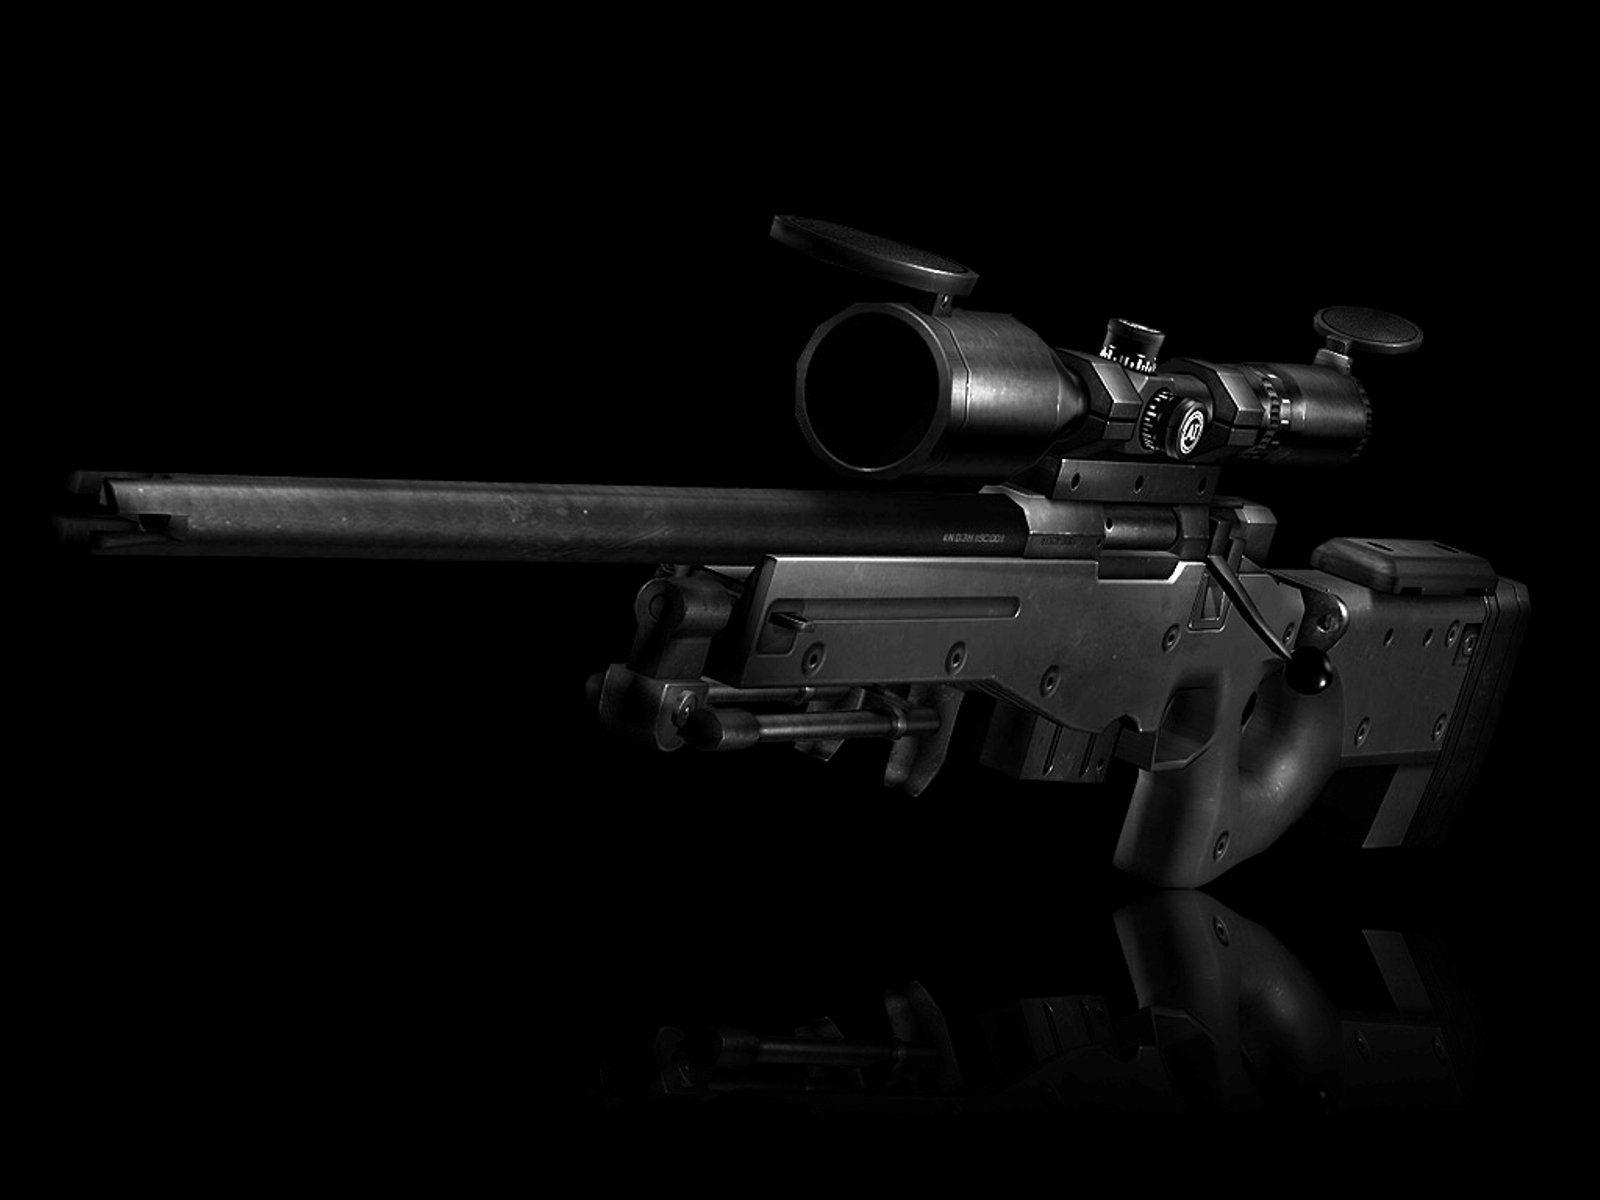 Designer Pistol HD Guns Wallpapers For Mobile And Desktop All